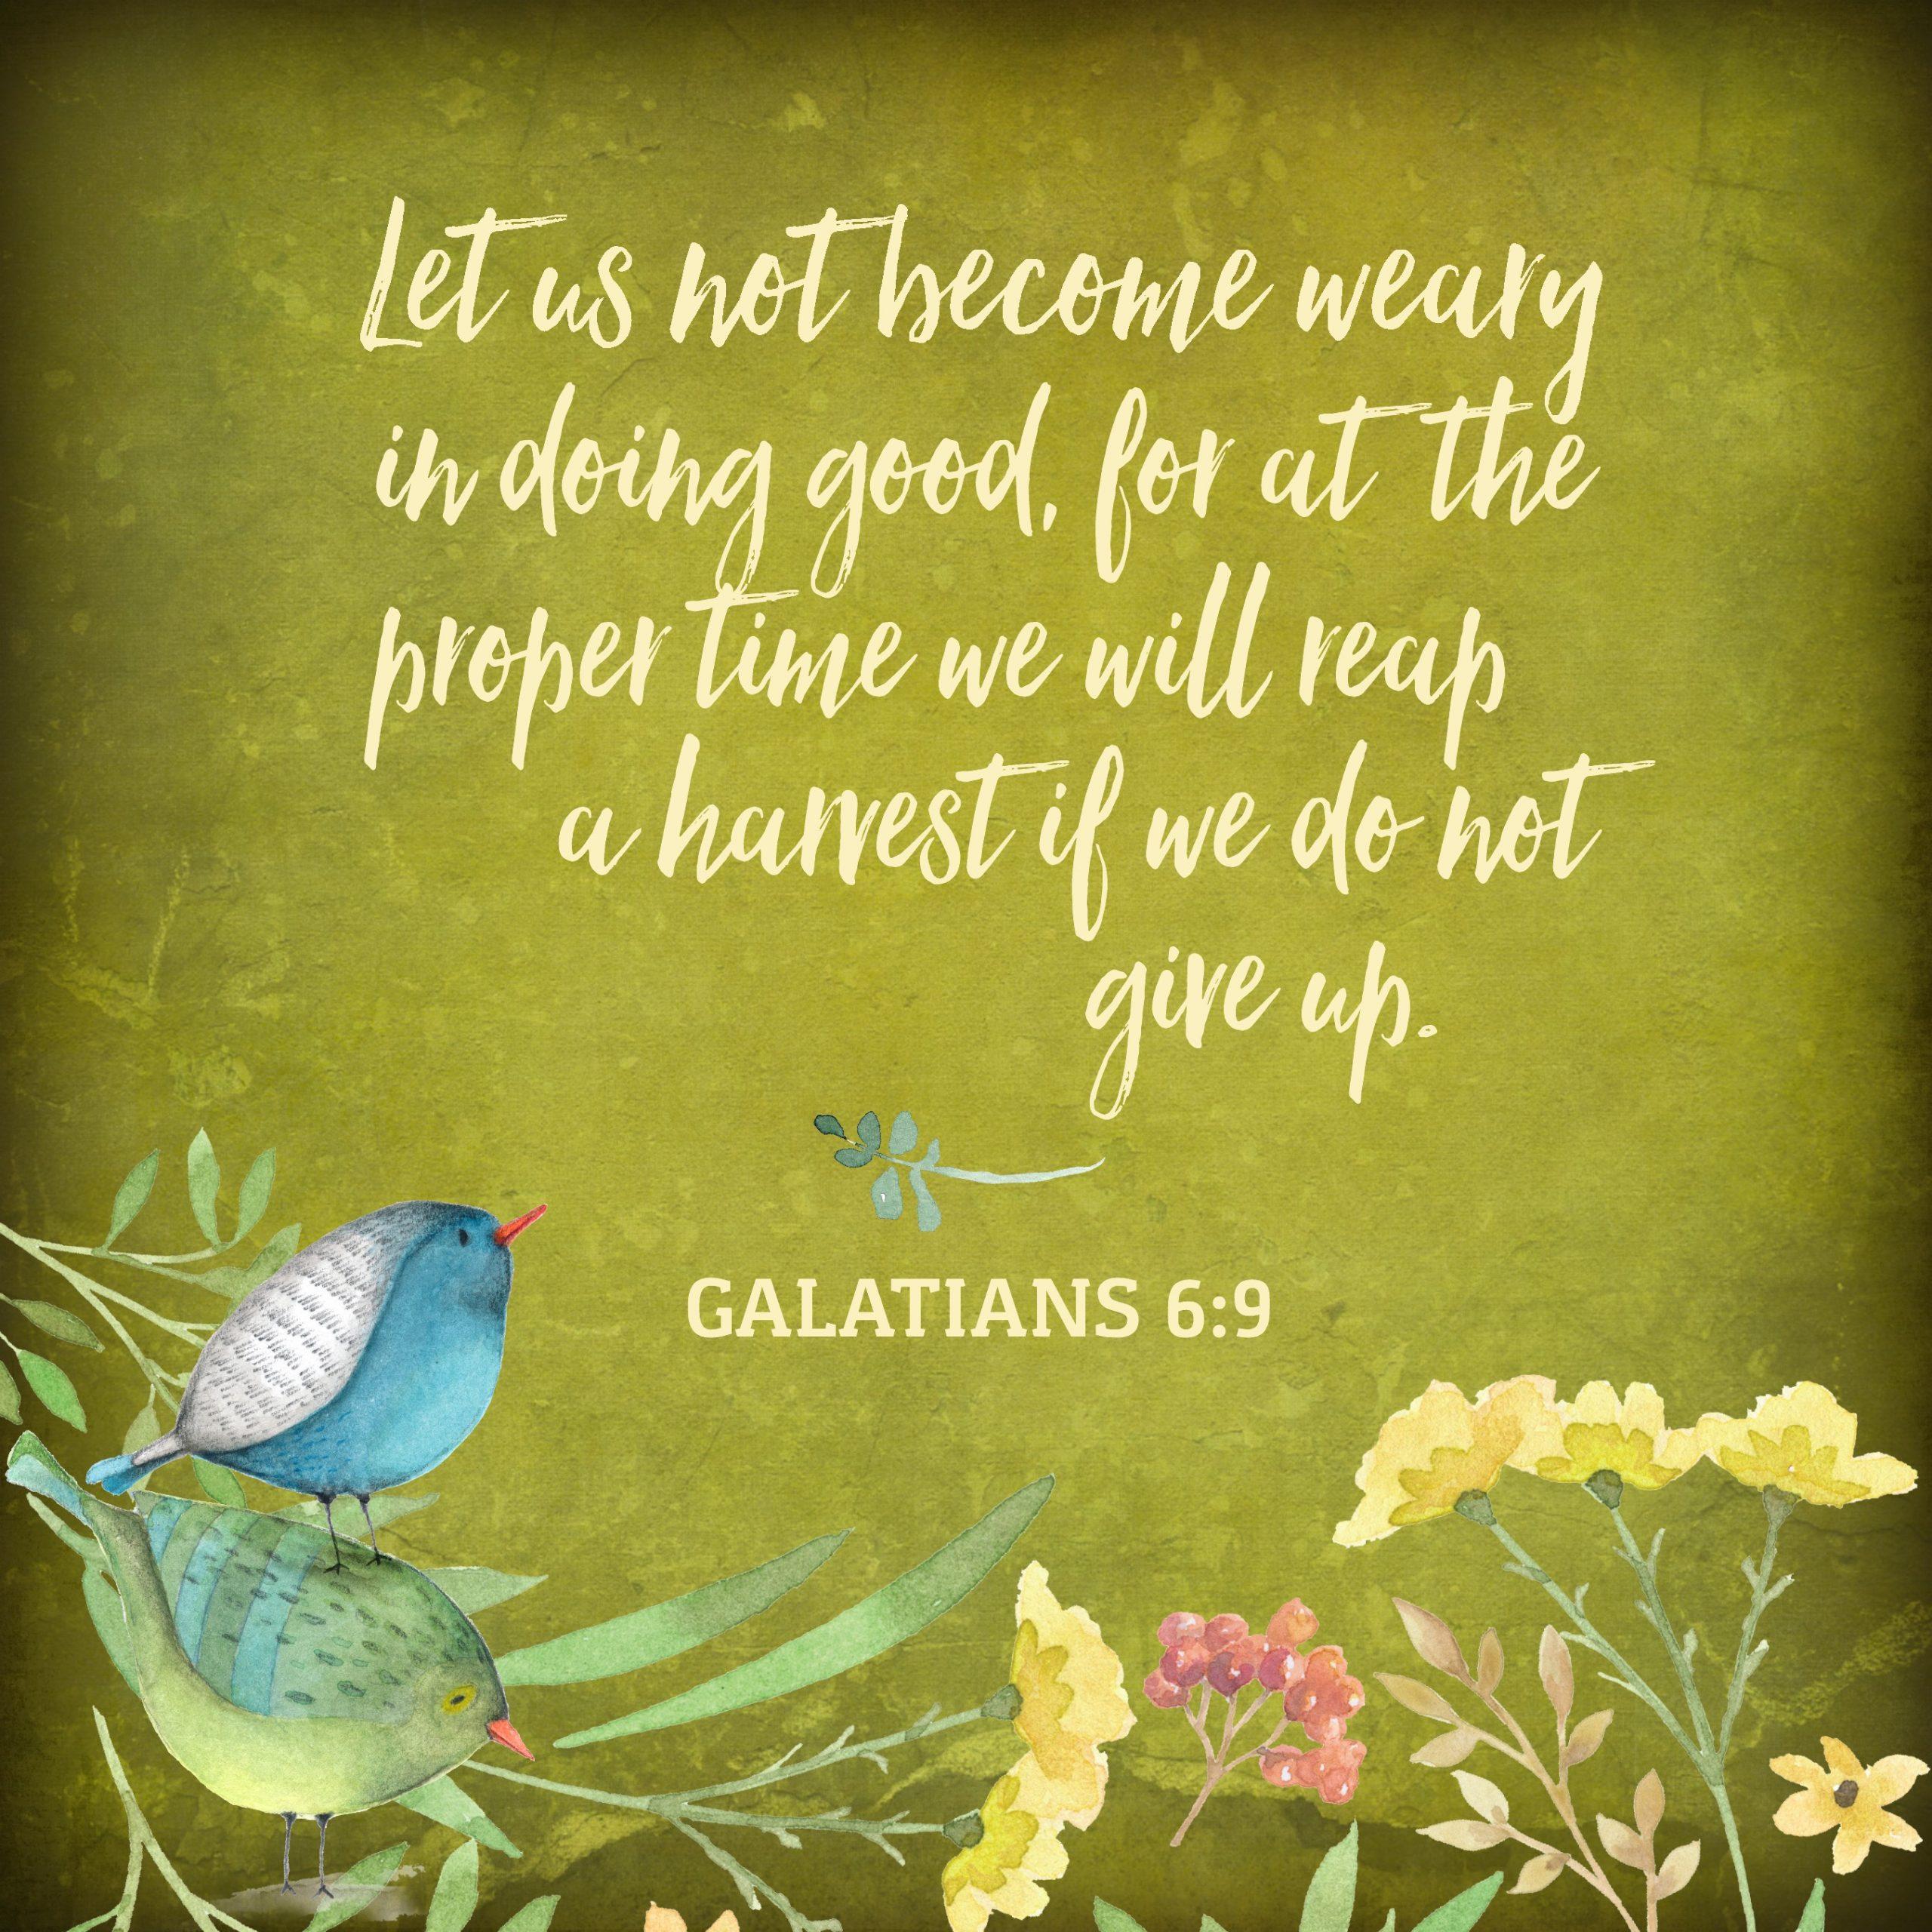 May 24: Galatians 6:9